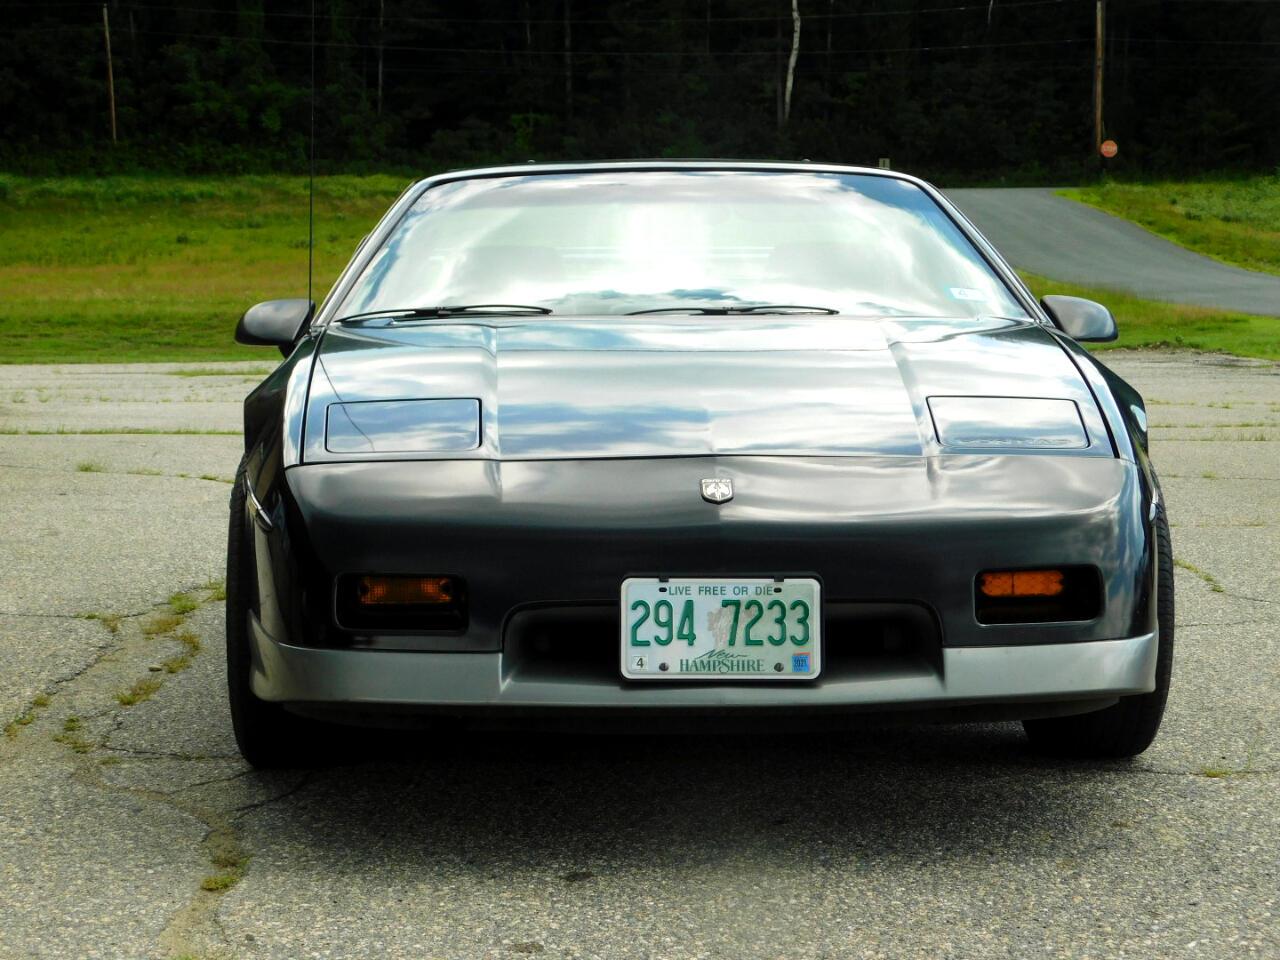 Pontiac Fiero 2dr GT Coupe 1987